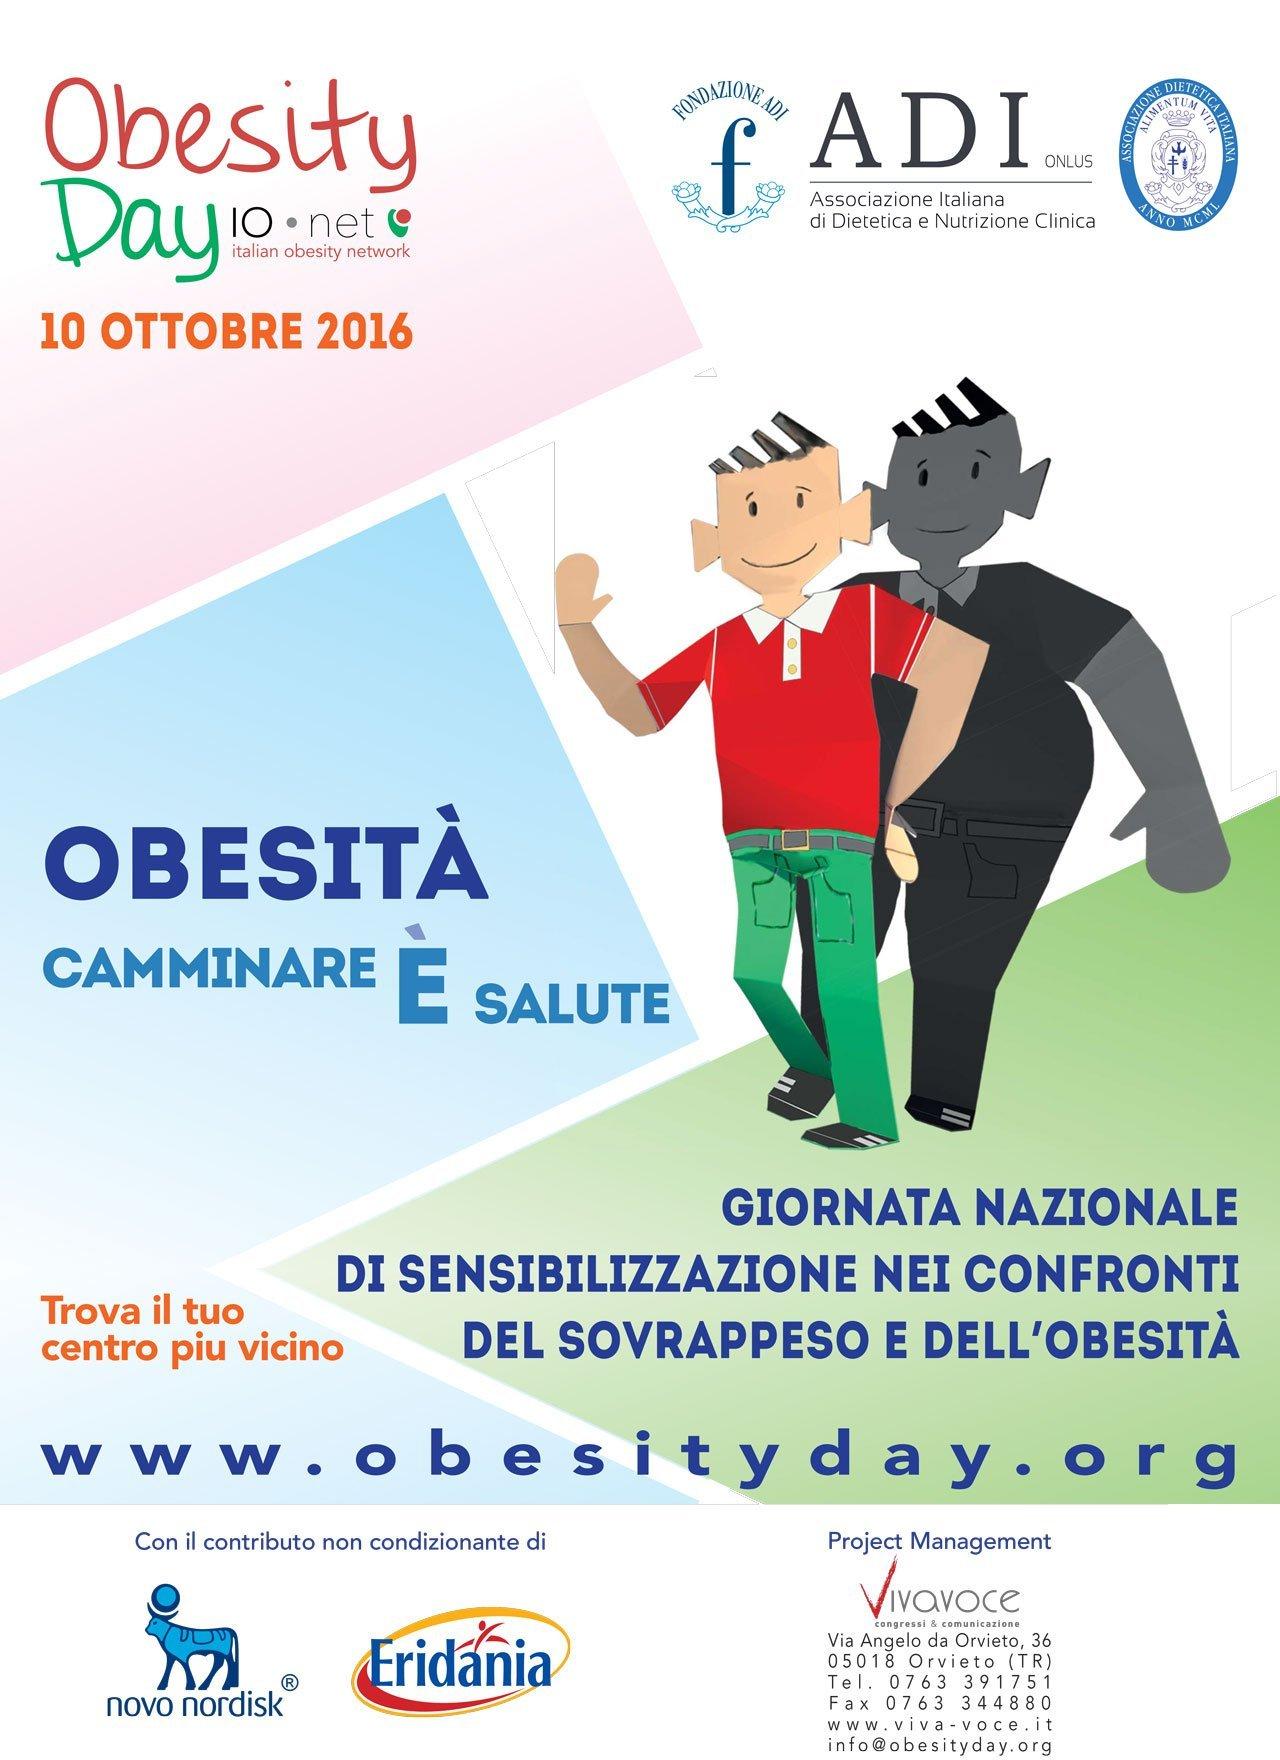 locandina obesity day 2016